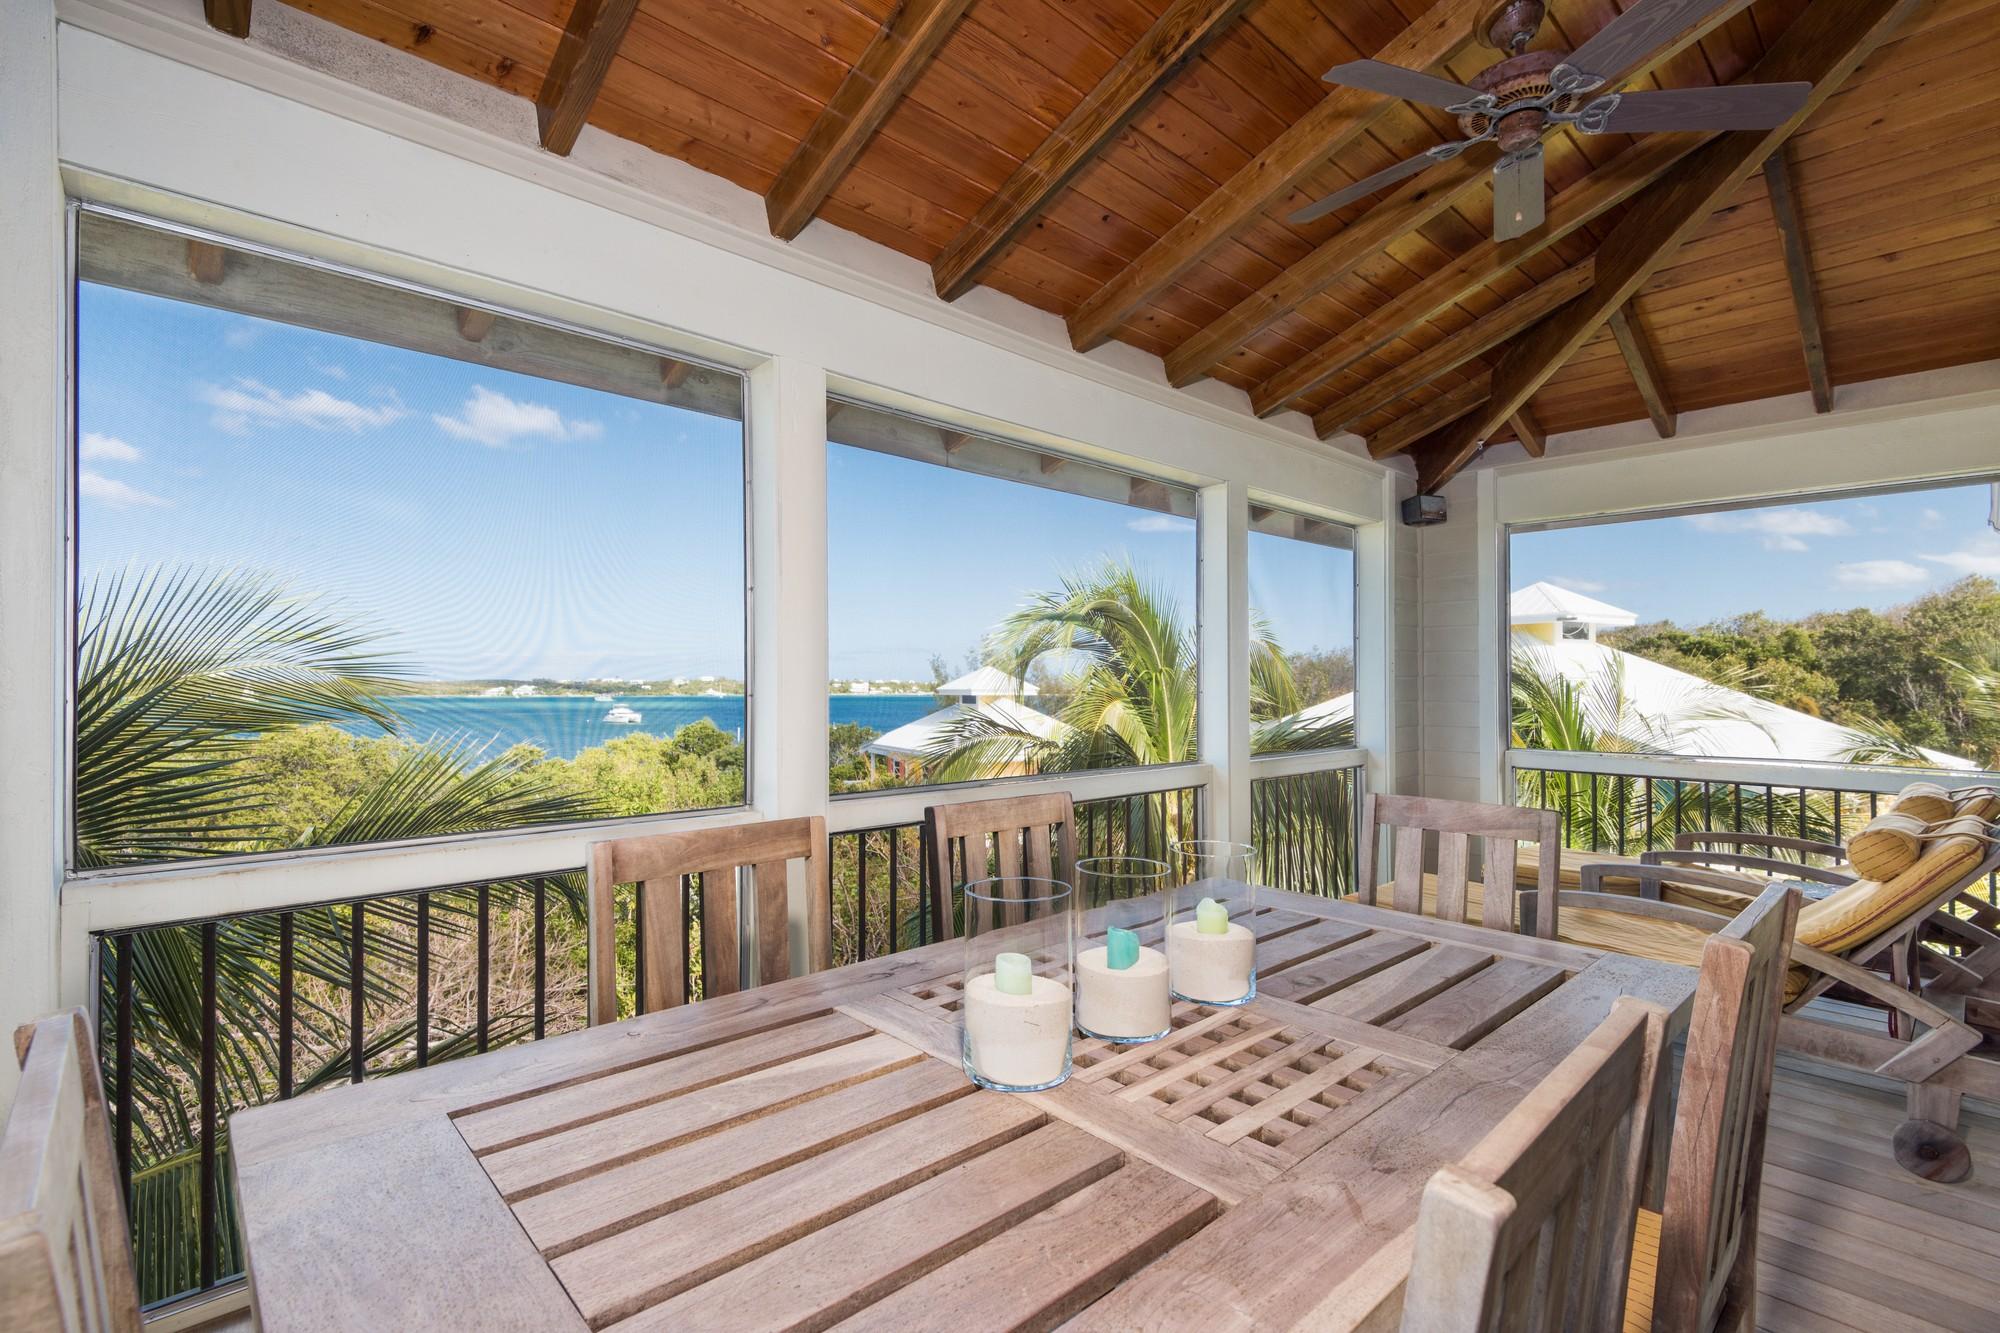 獨棟家庭住宅 為 出售 在 Sandlapper Lubbers Quarters, 阿巴科, 巴哈馬